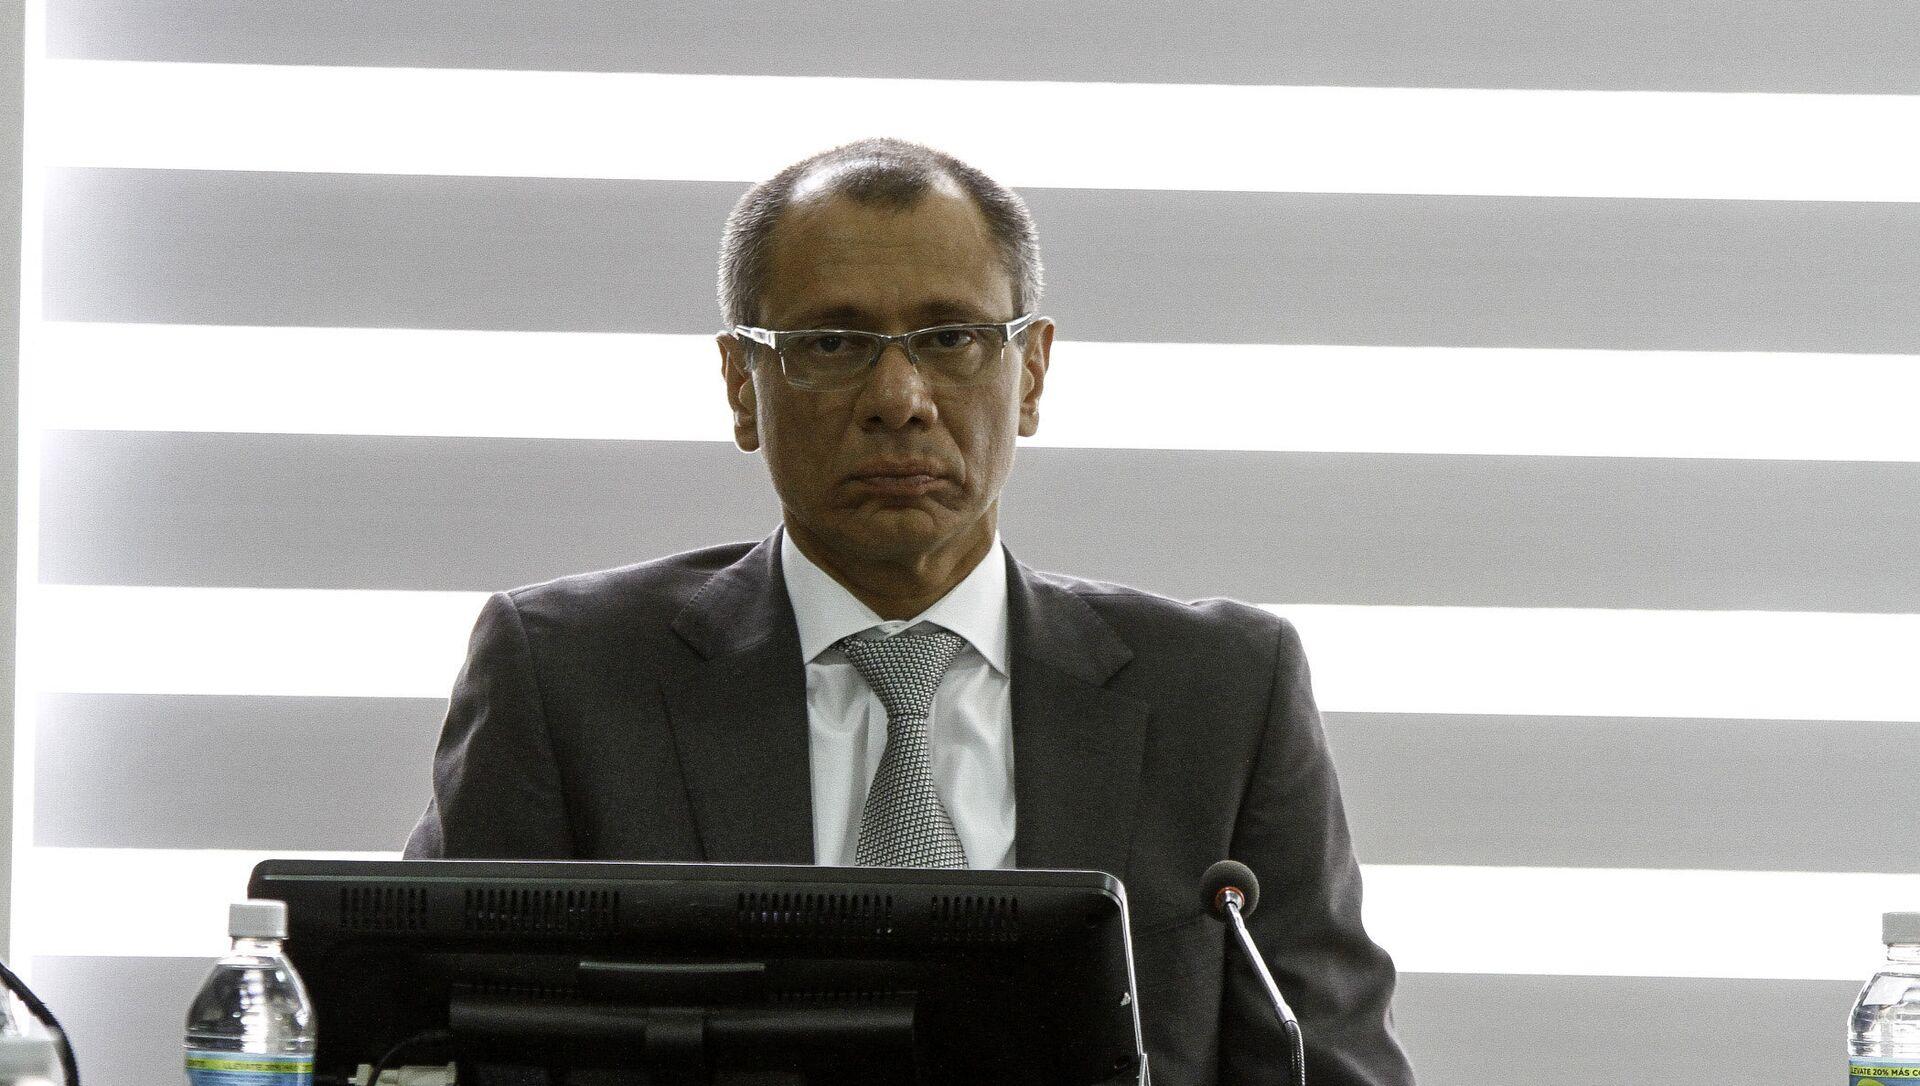 Jorge Glas, exvicepresidente de Ecuador - Sputnik Mundo, 1920, 30.11.2020